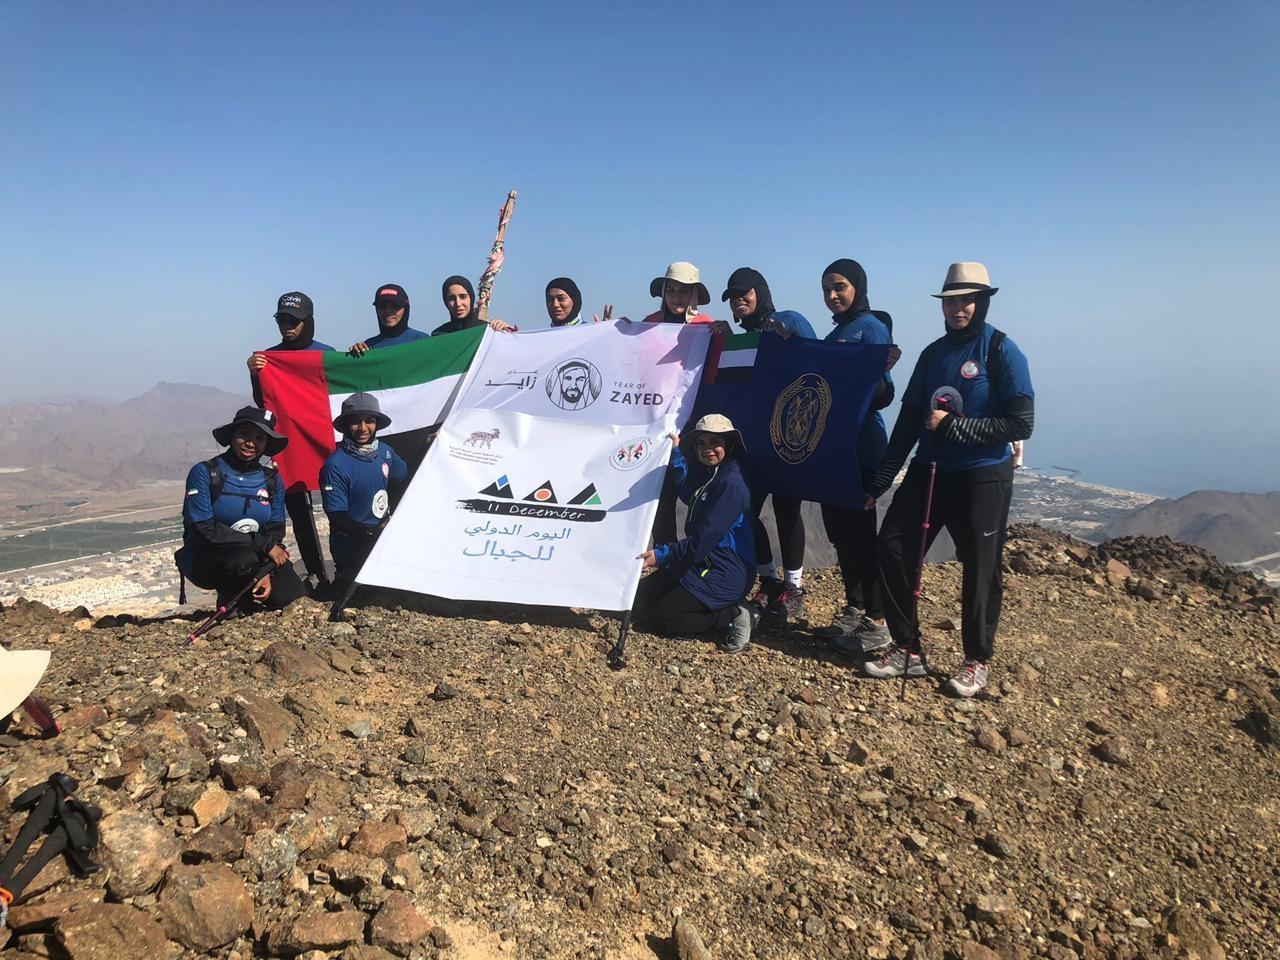 أعضاء فريق الملوك الإماراتية. (الرؤية)